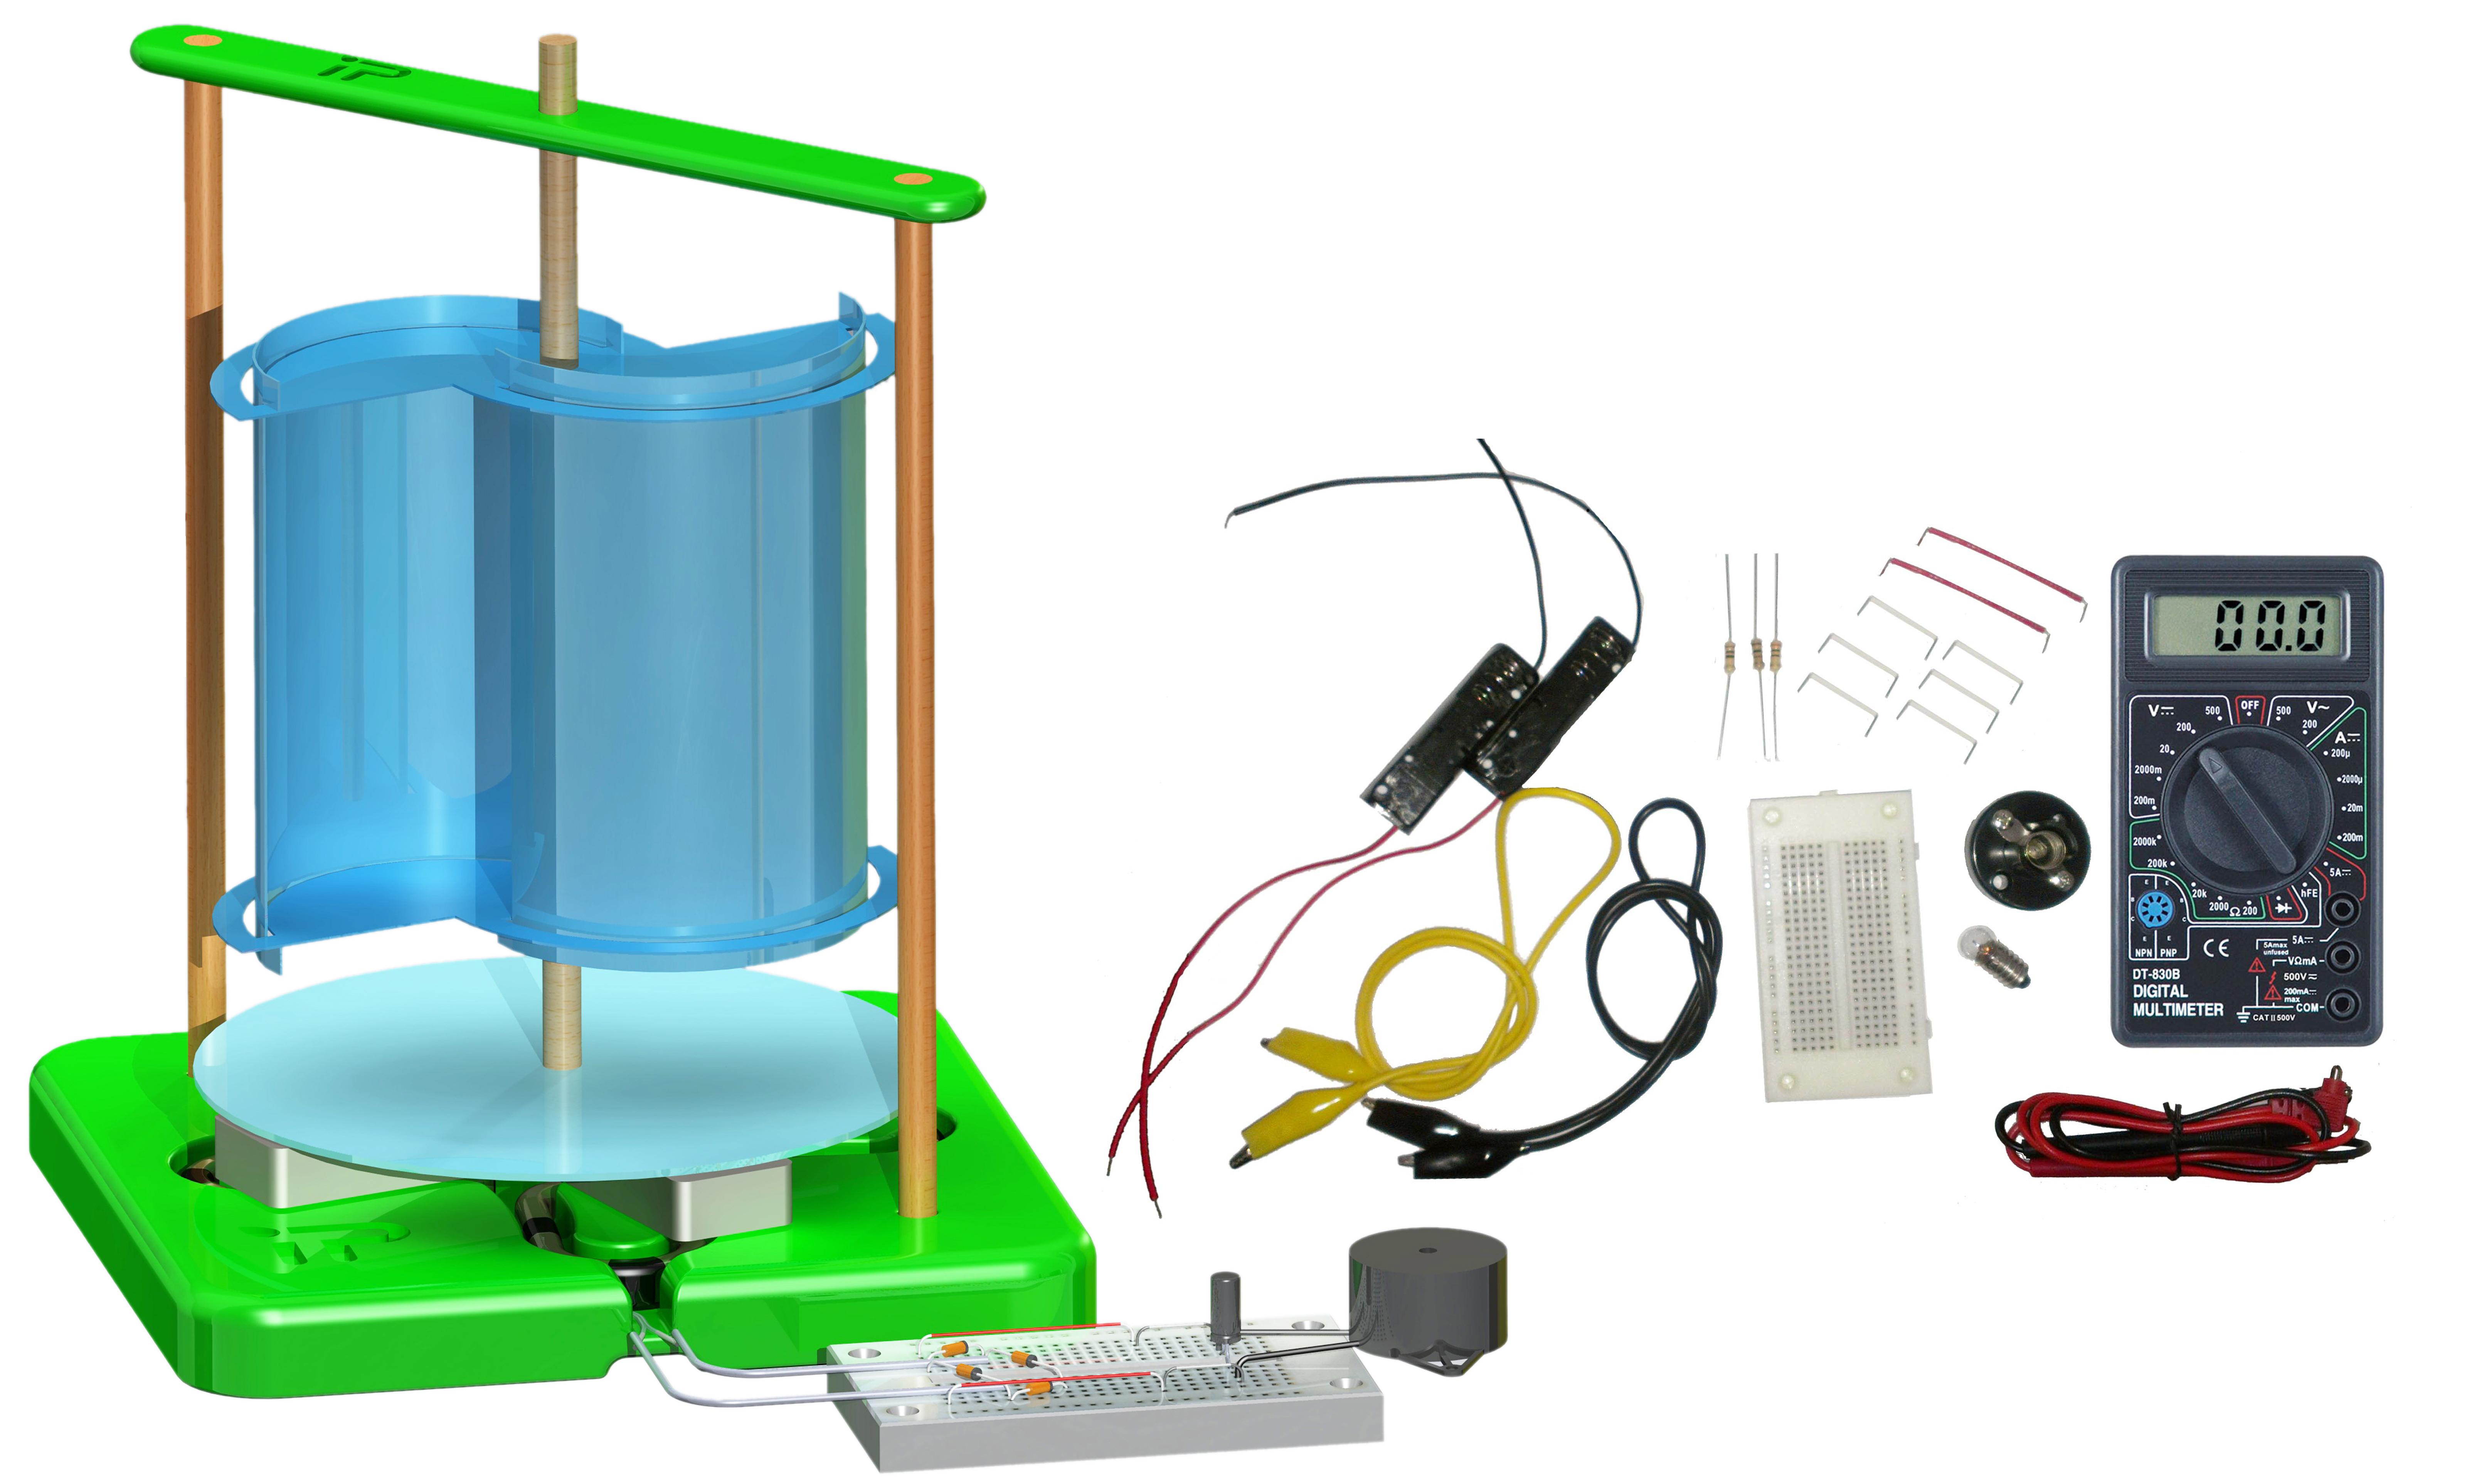 PicoTurbine Savonius Wind Turbine Kit (AC) Advanced